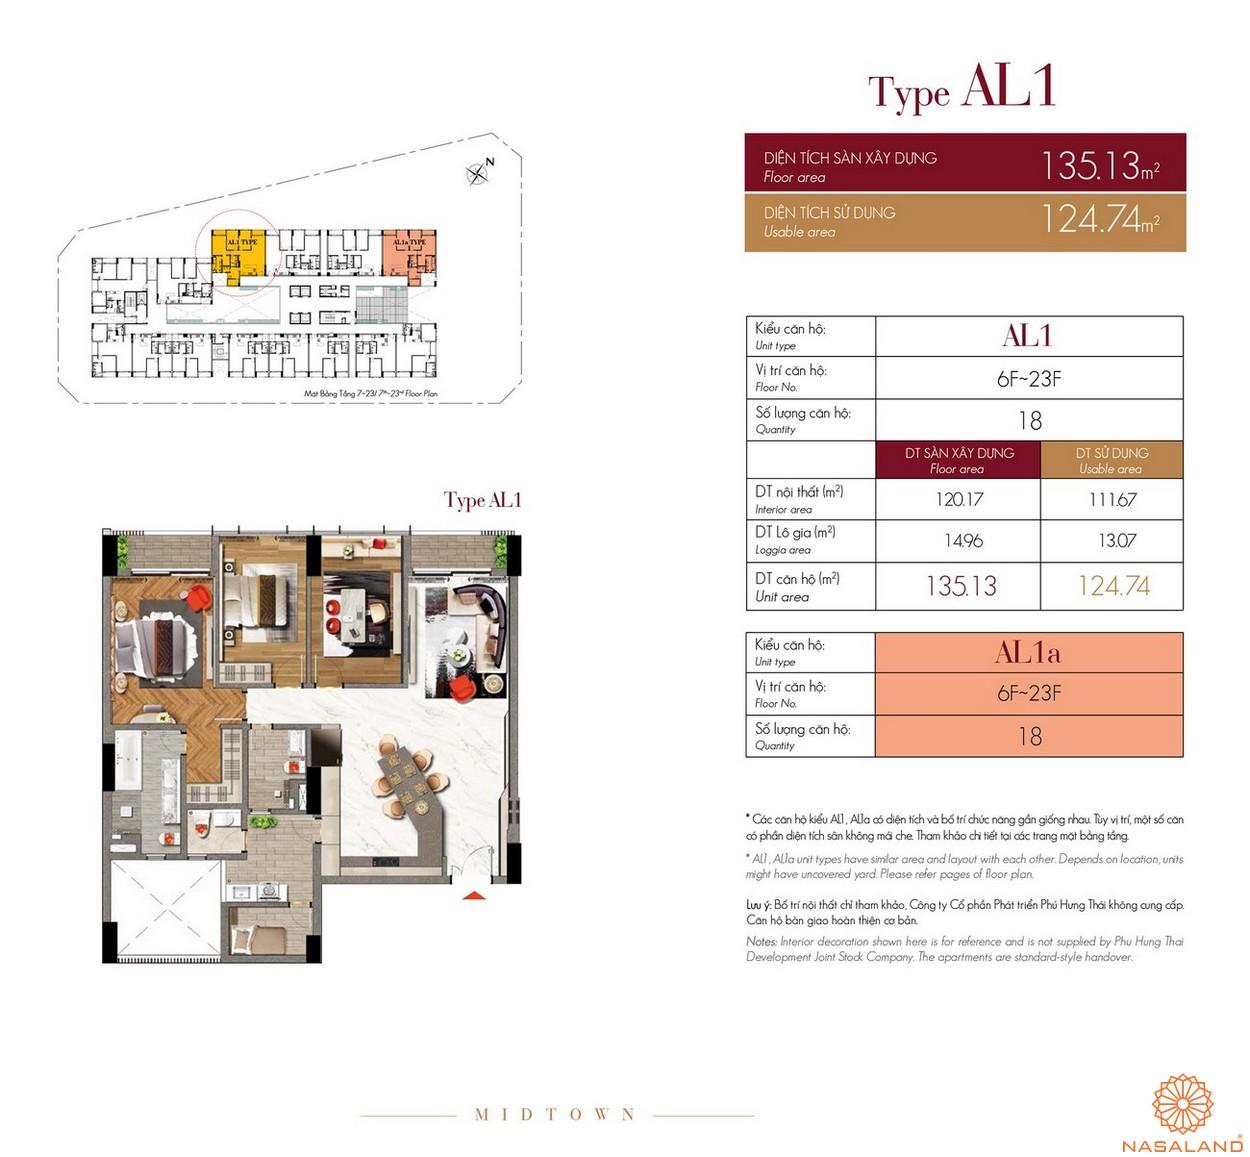 Thiết kế căn hộ Type AL1 dự án The Grande Midtown quận 7